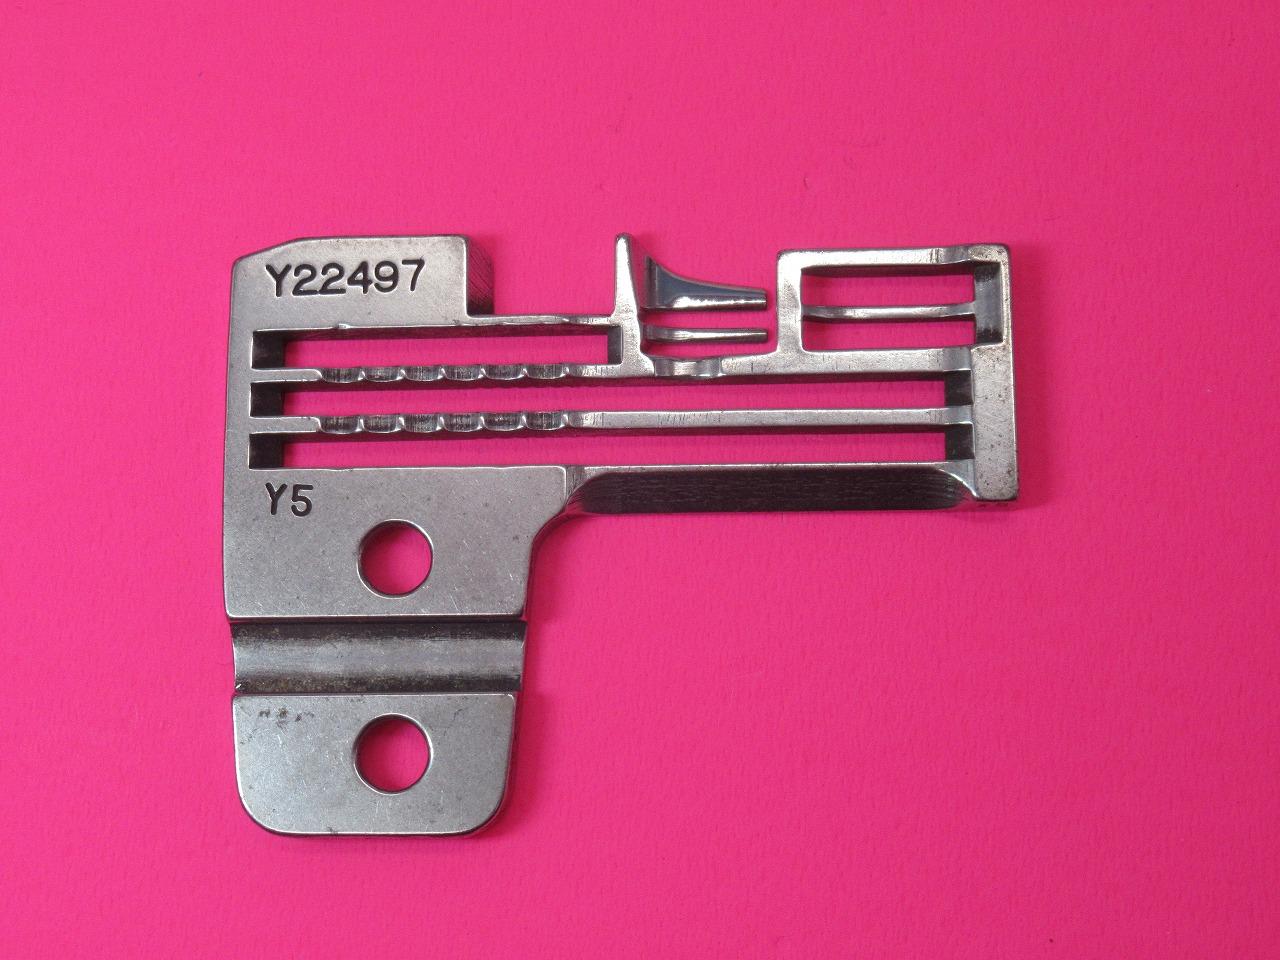 中古 ヤマトZ5020-Y5 MT2型用 パーツ番号:Y22497です 針板 売り出し 低価格化